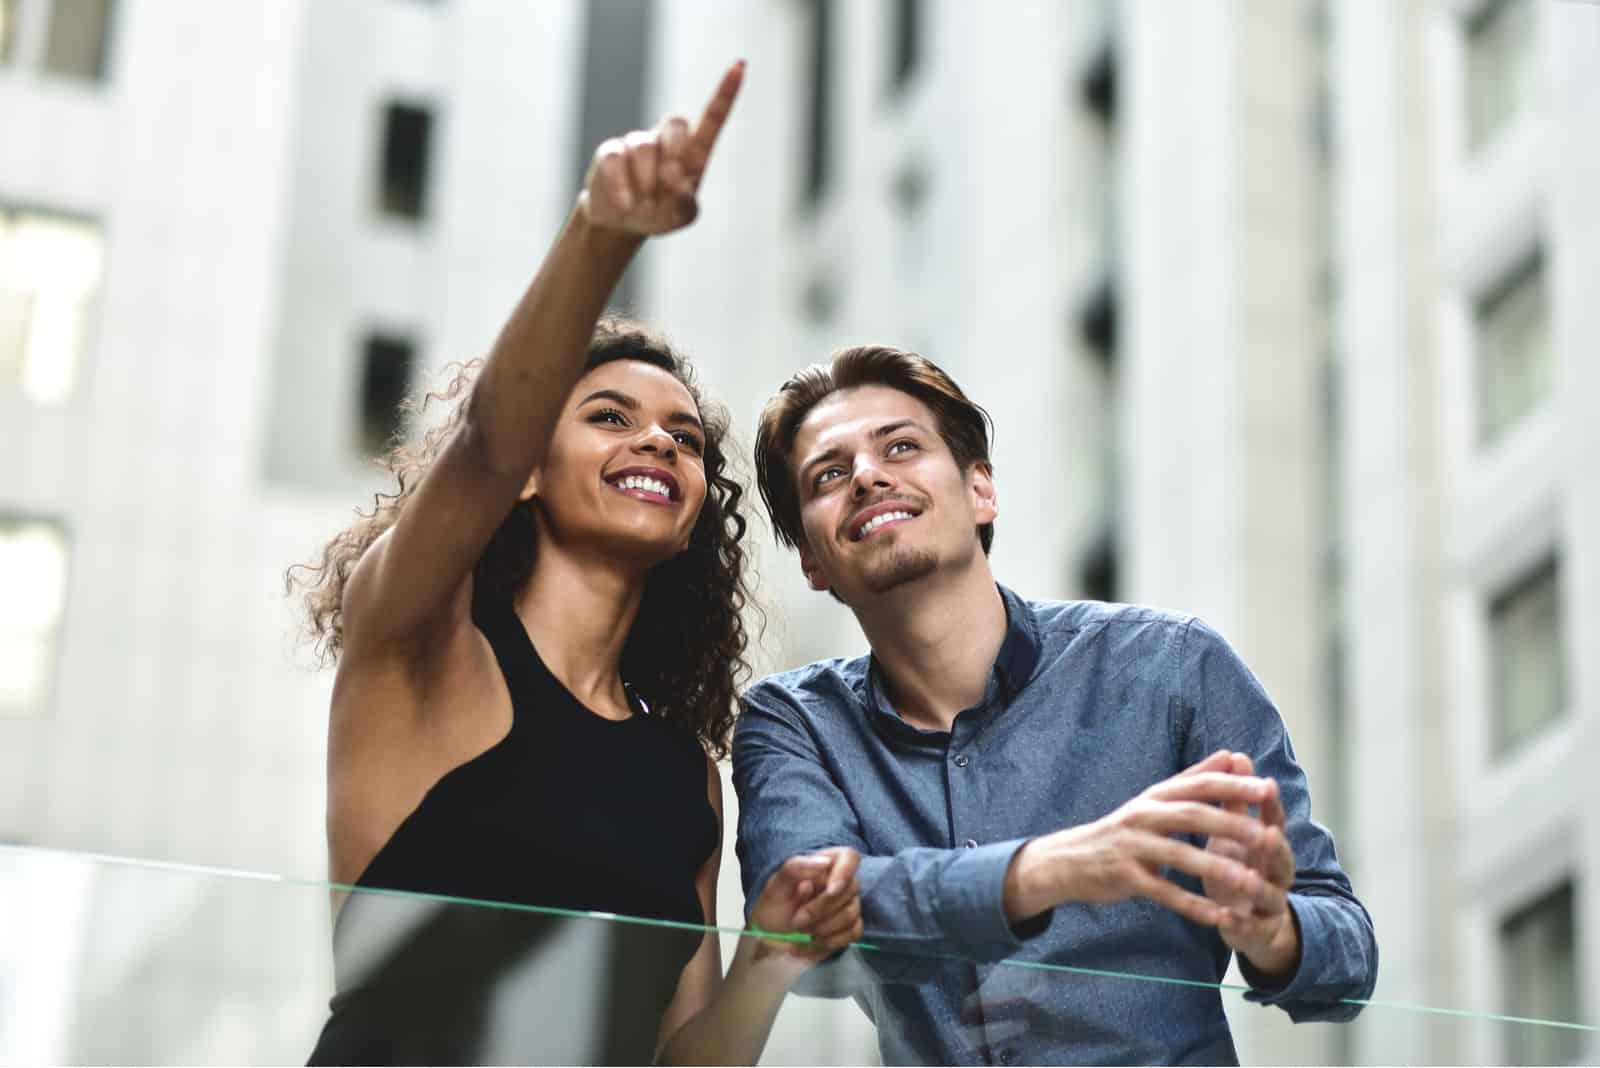 un homme et une femme debout, elle lui montre quelque chose